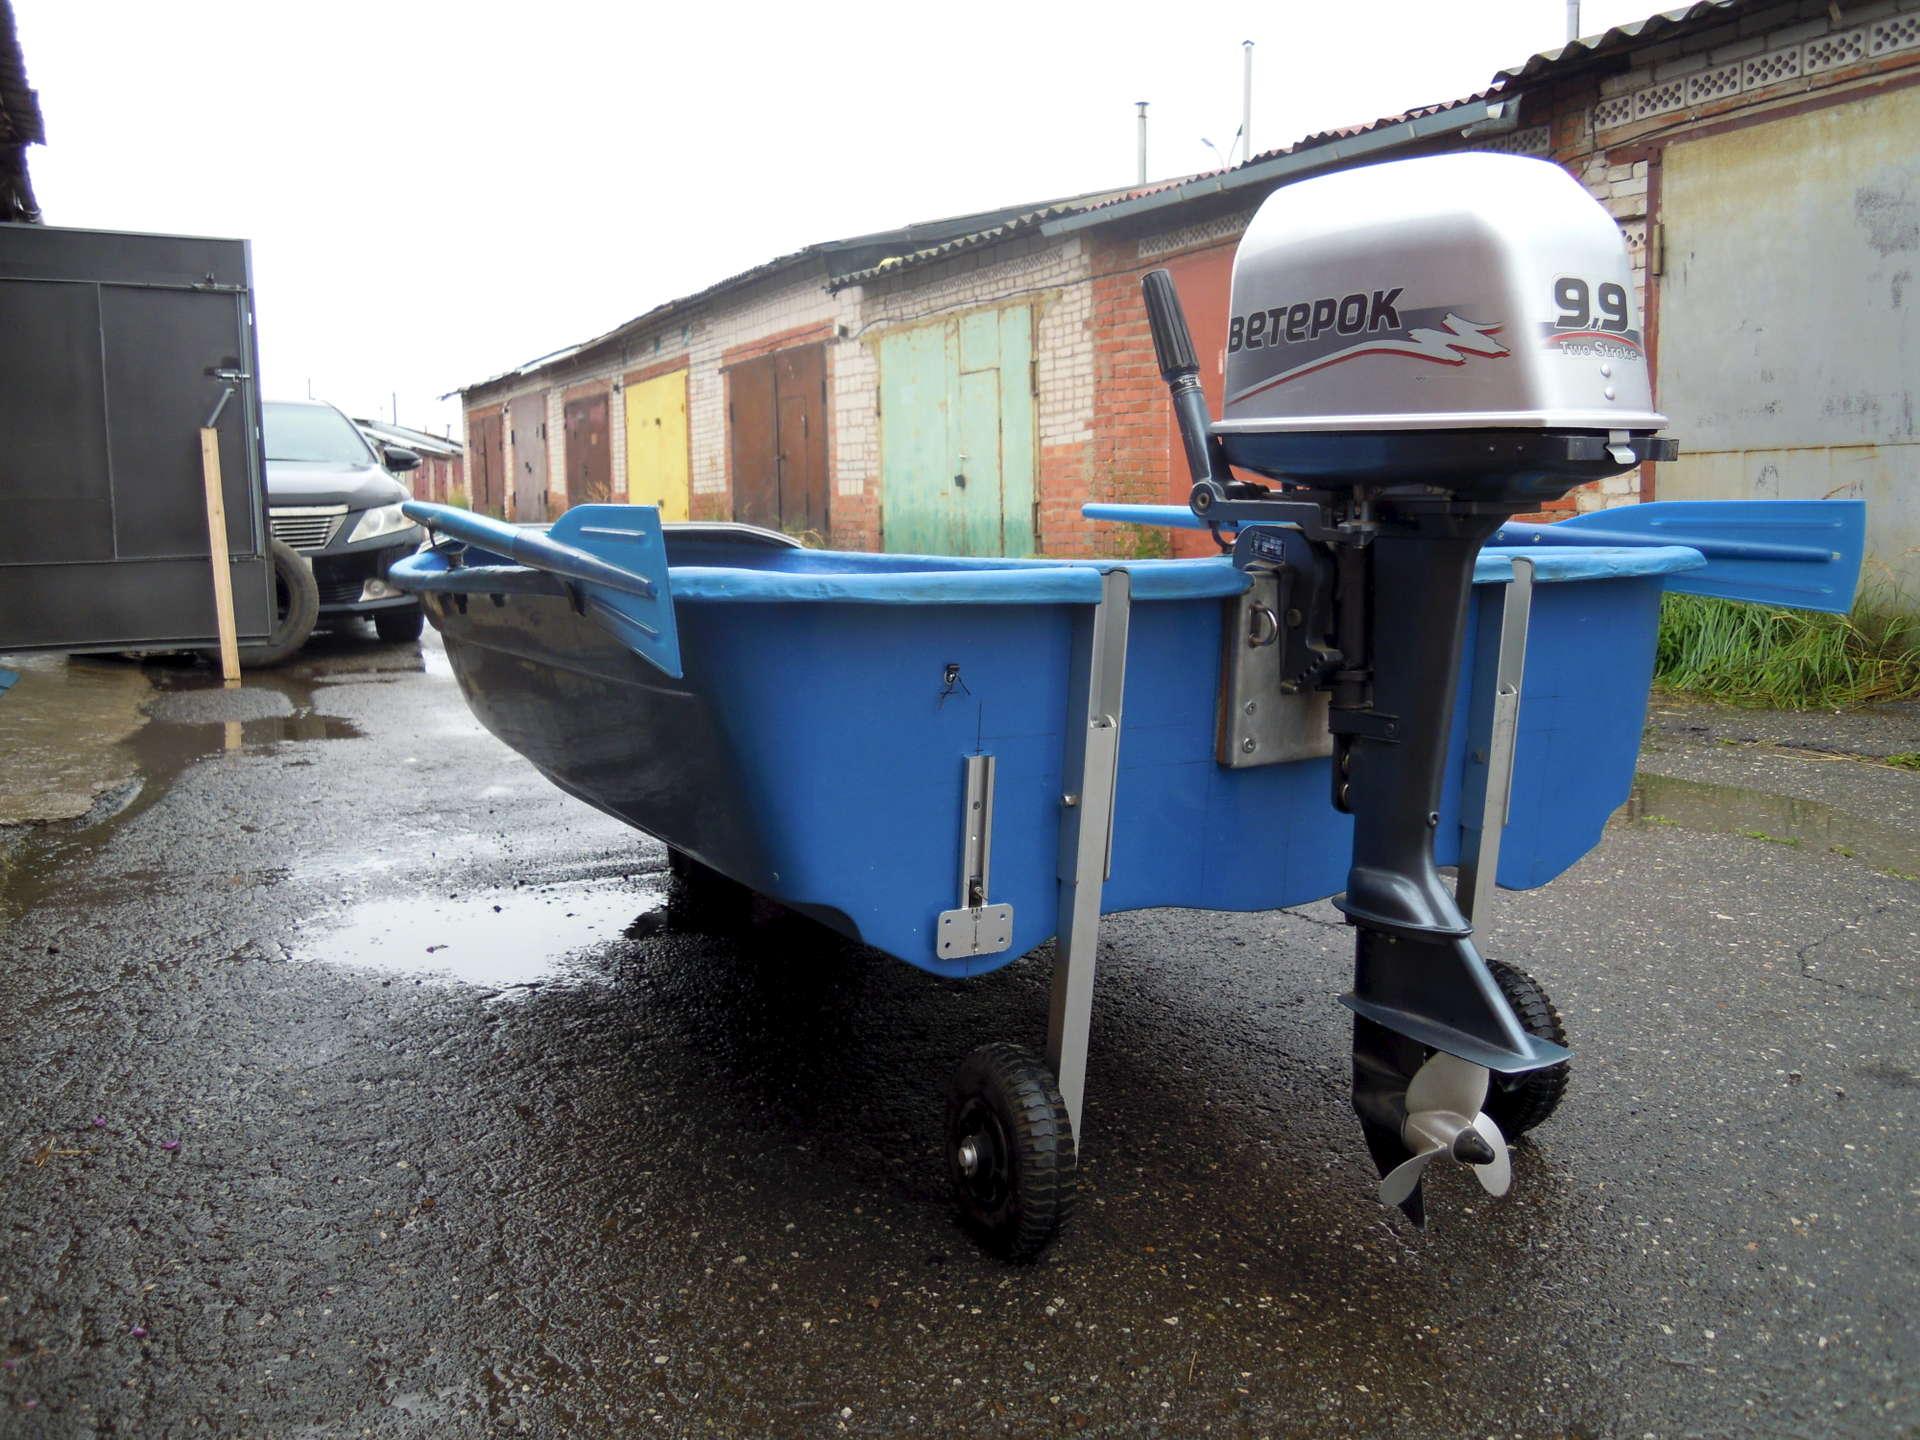 мотор Ветерок-9.9 на лодке